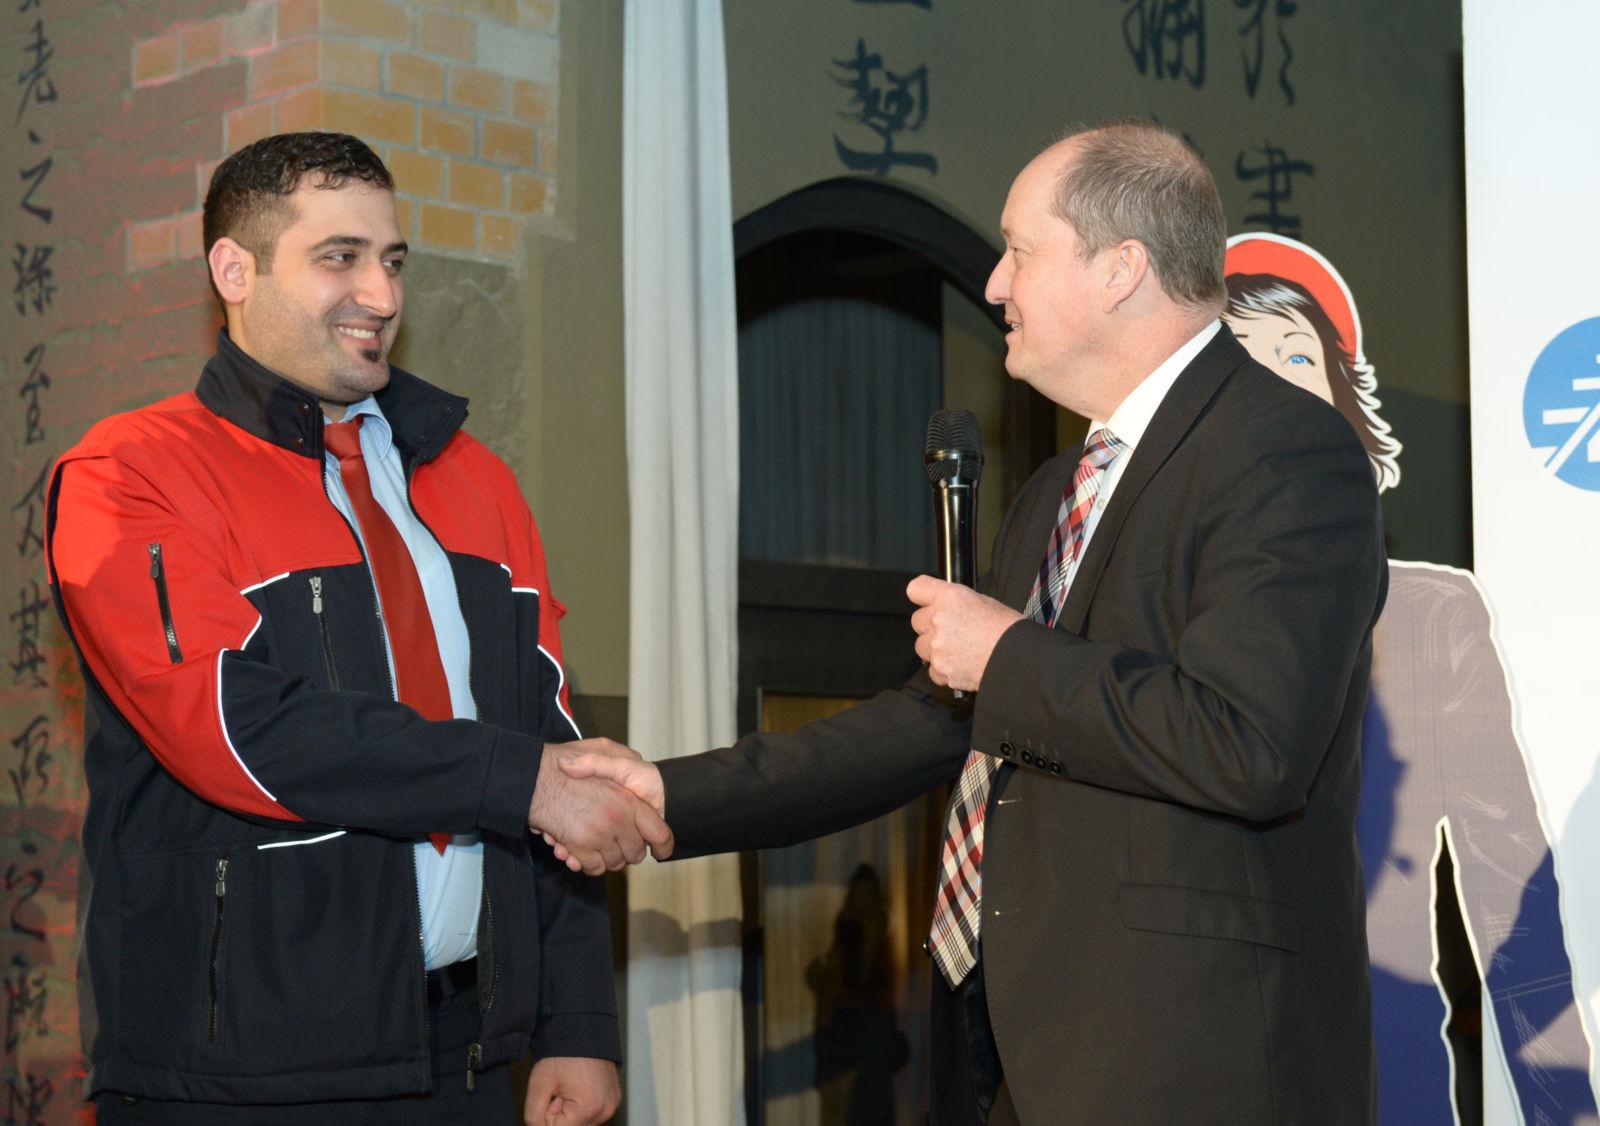 Sadik Tubay mit National Express Geschäftsführer Dirk Ballerstein